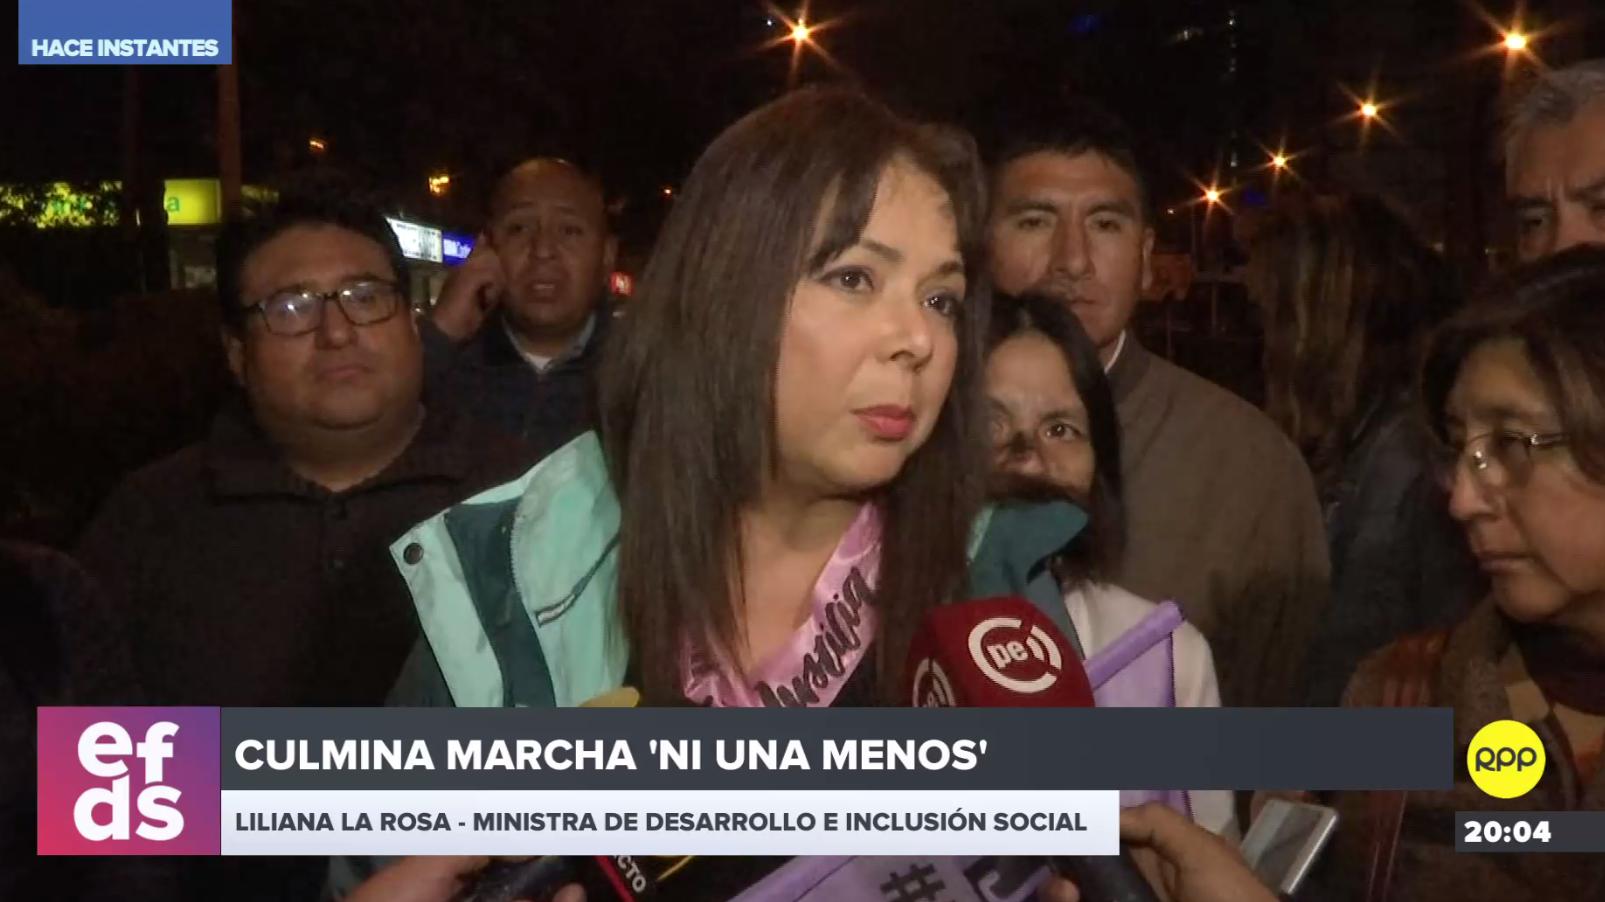 La ministra de Desarrollo e Inclusión Social, Liliana La Rosa participó en la marcha 'Ni Una Menos'.